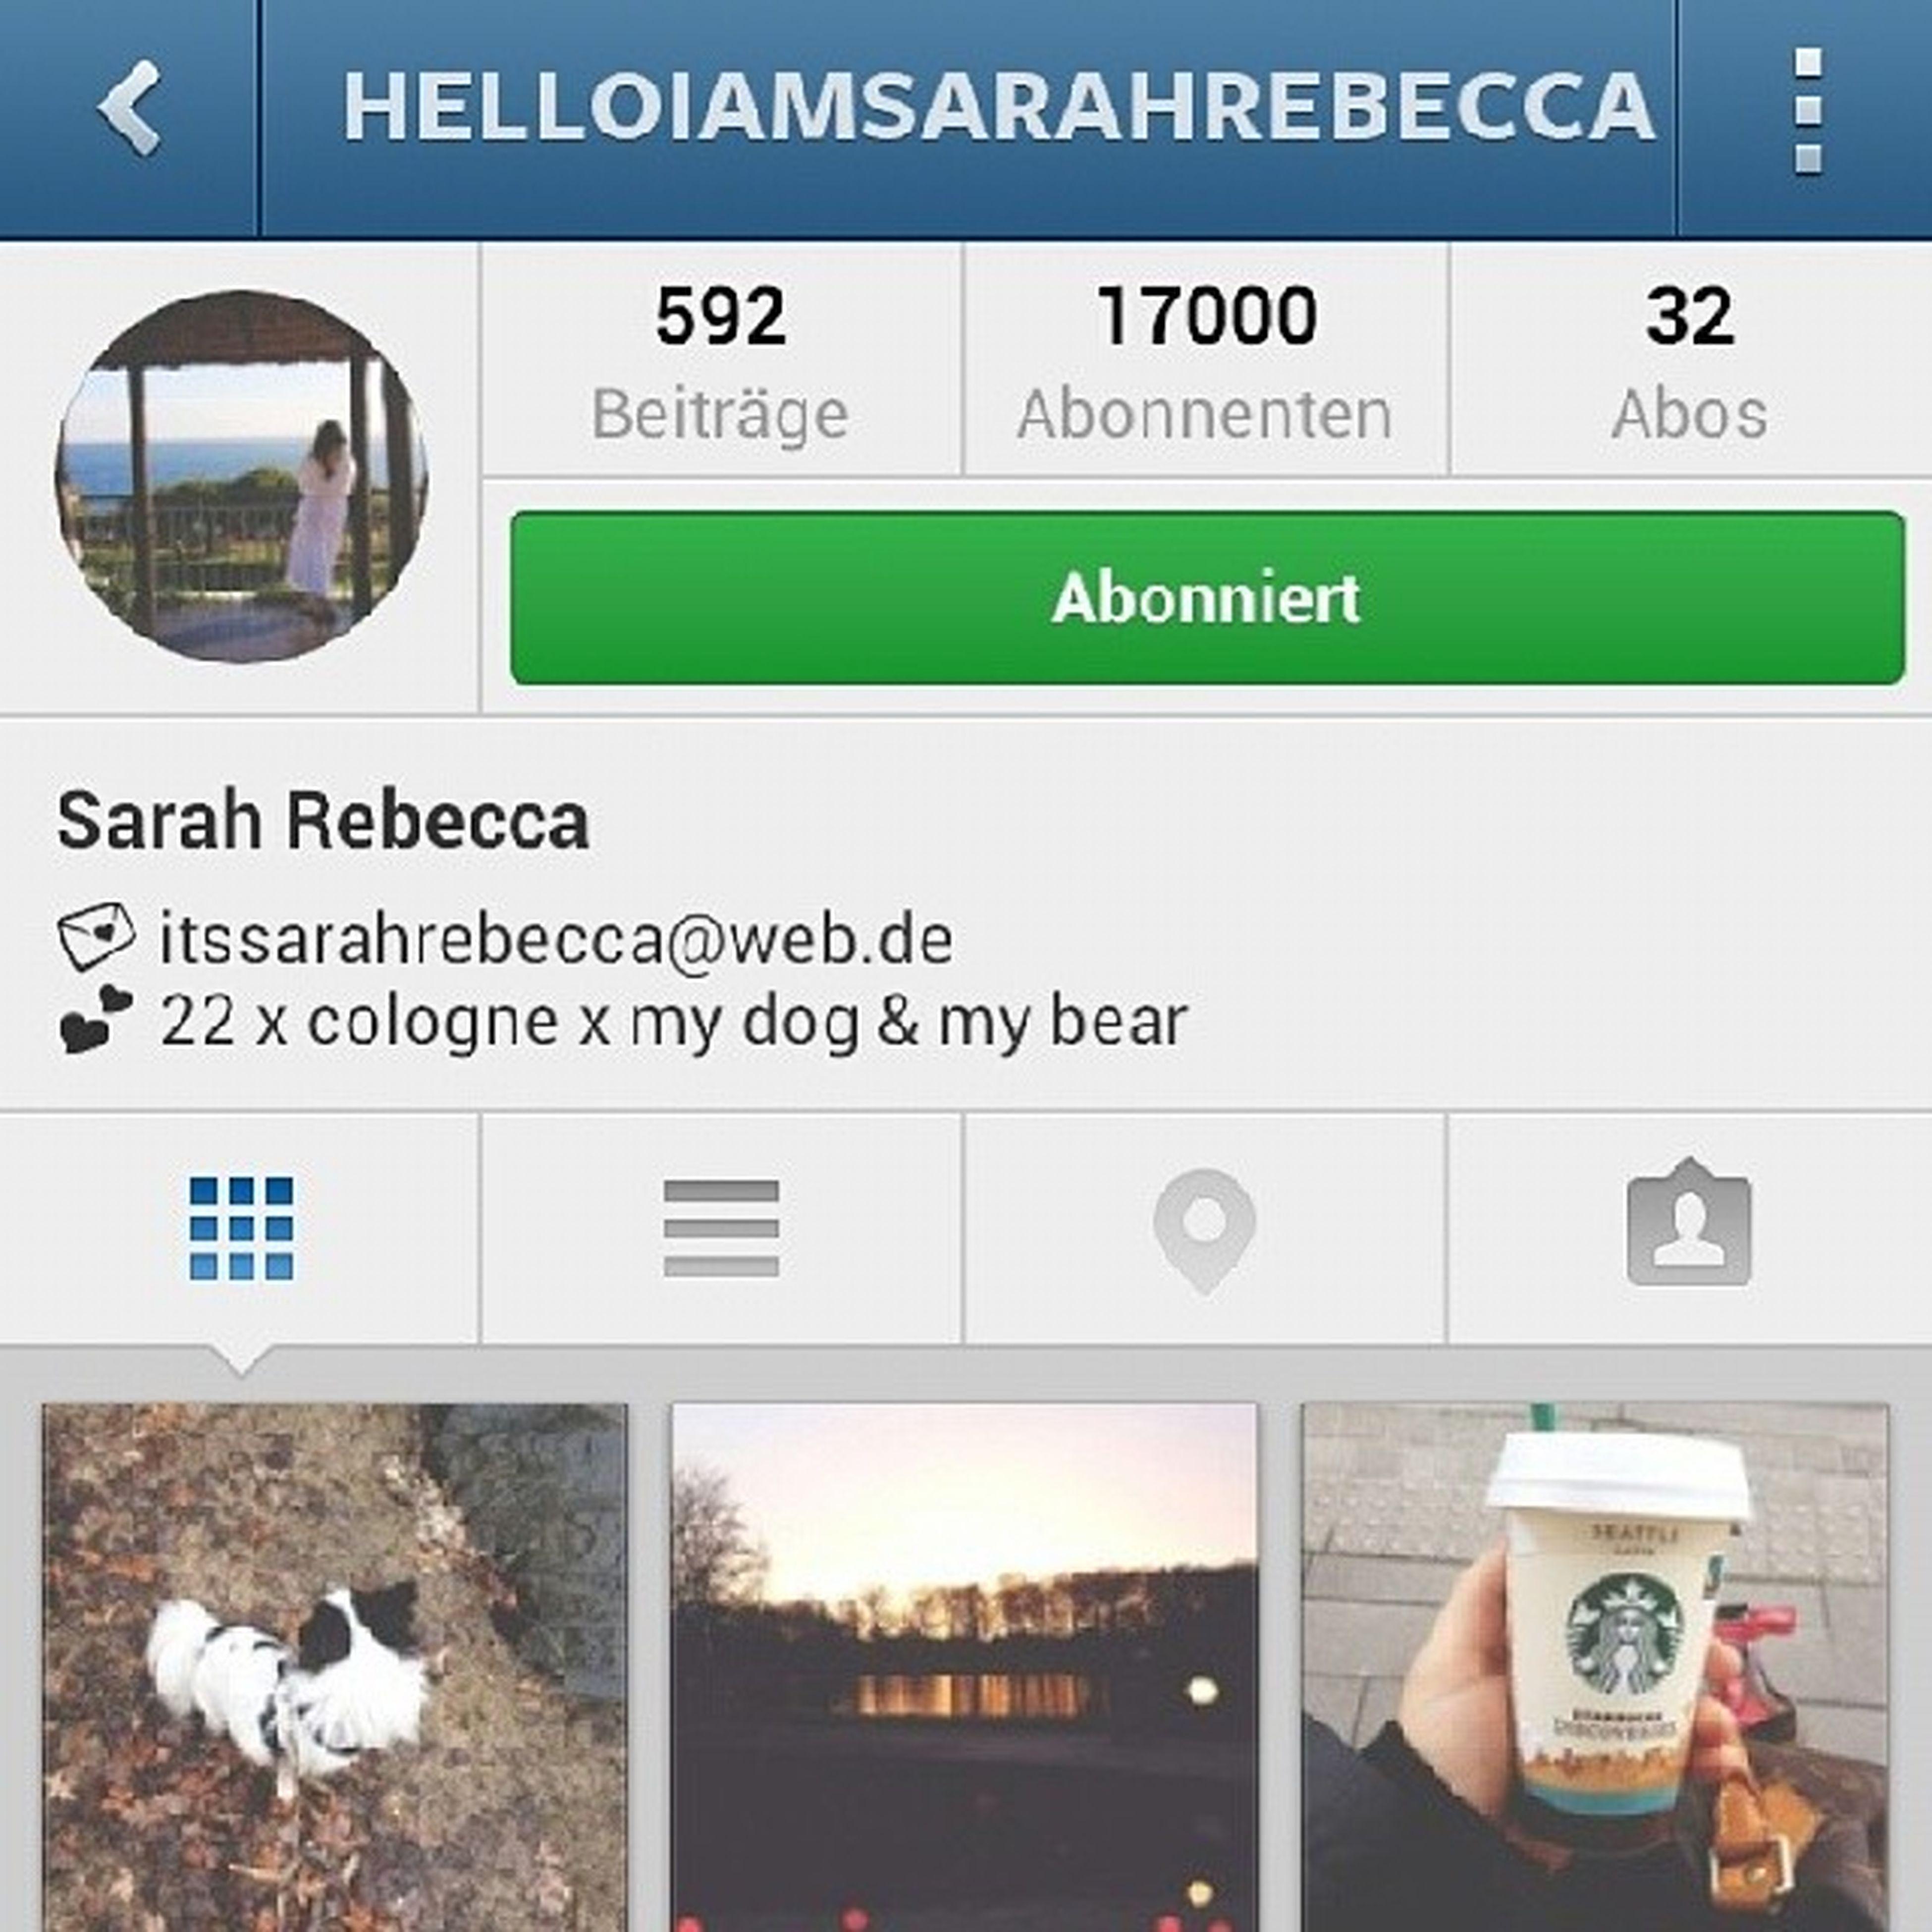 Glückwunsch Sarah ! Du hast 17k !!! Hochverdient !!! Folgt mal ihr. Sie ist OGs freundin und die sollten heiraten ♥♥♥ @helloiamsarahrebecca Ogandsarahloveeeeh